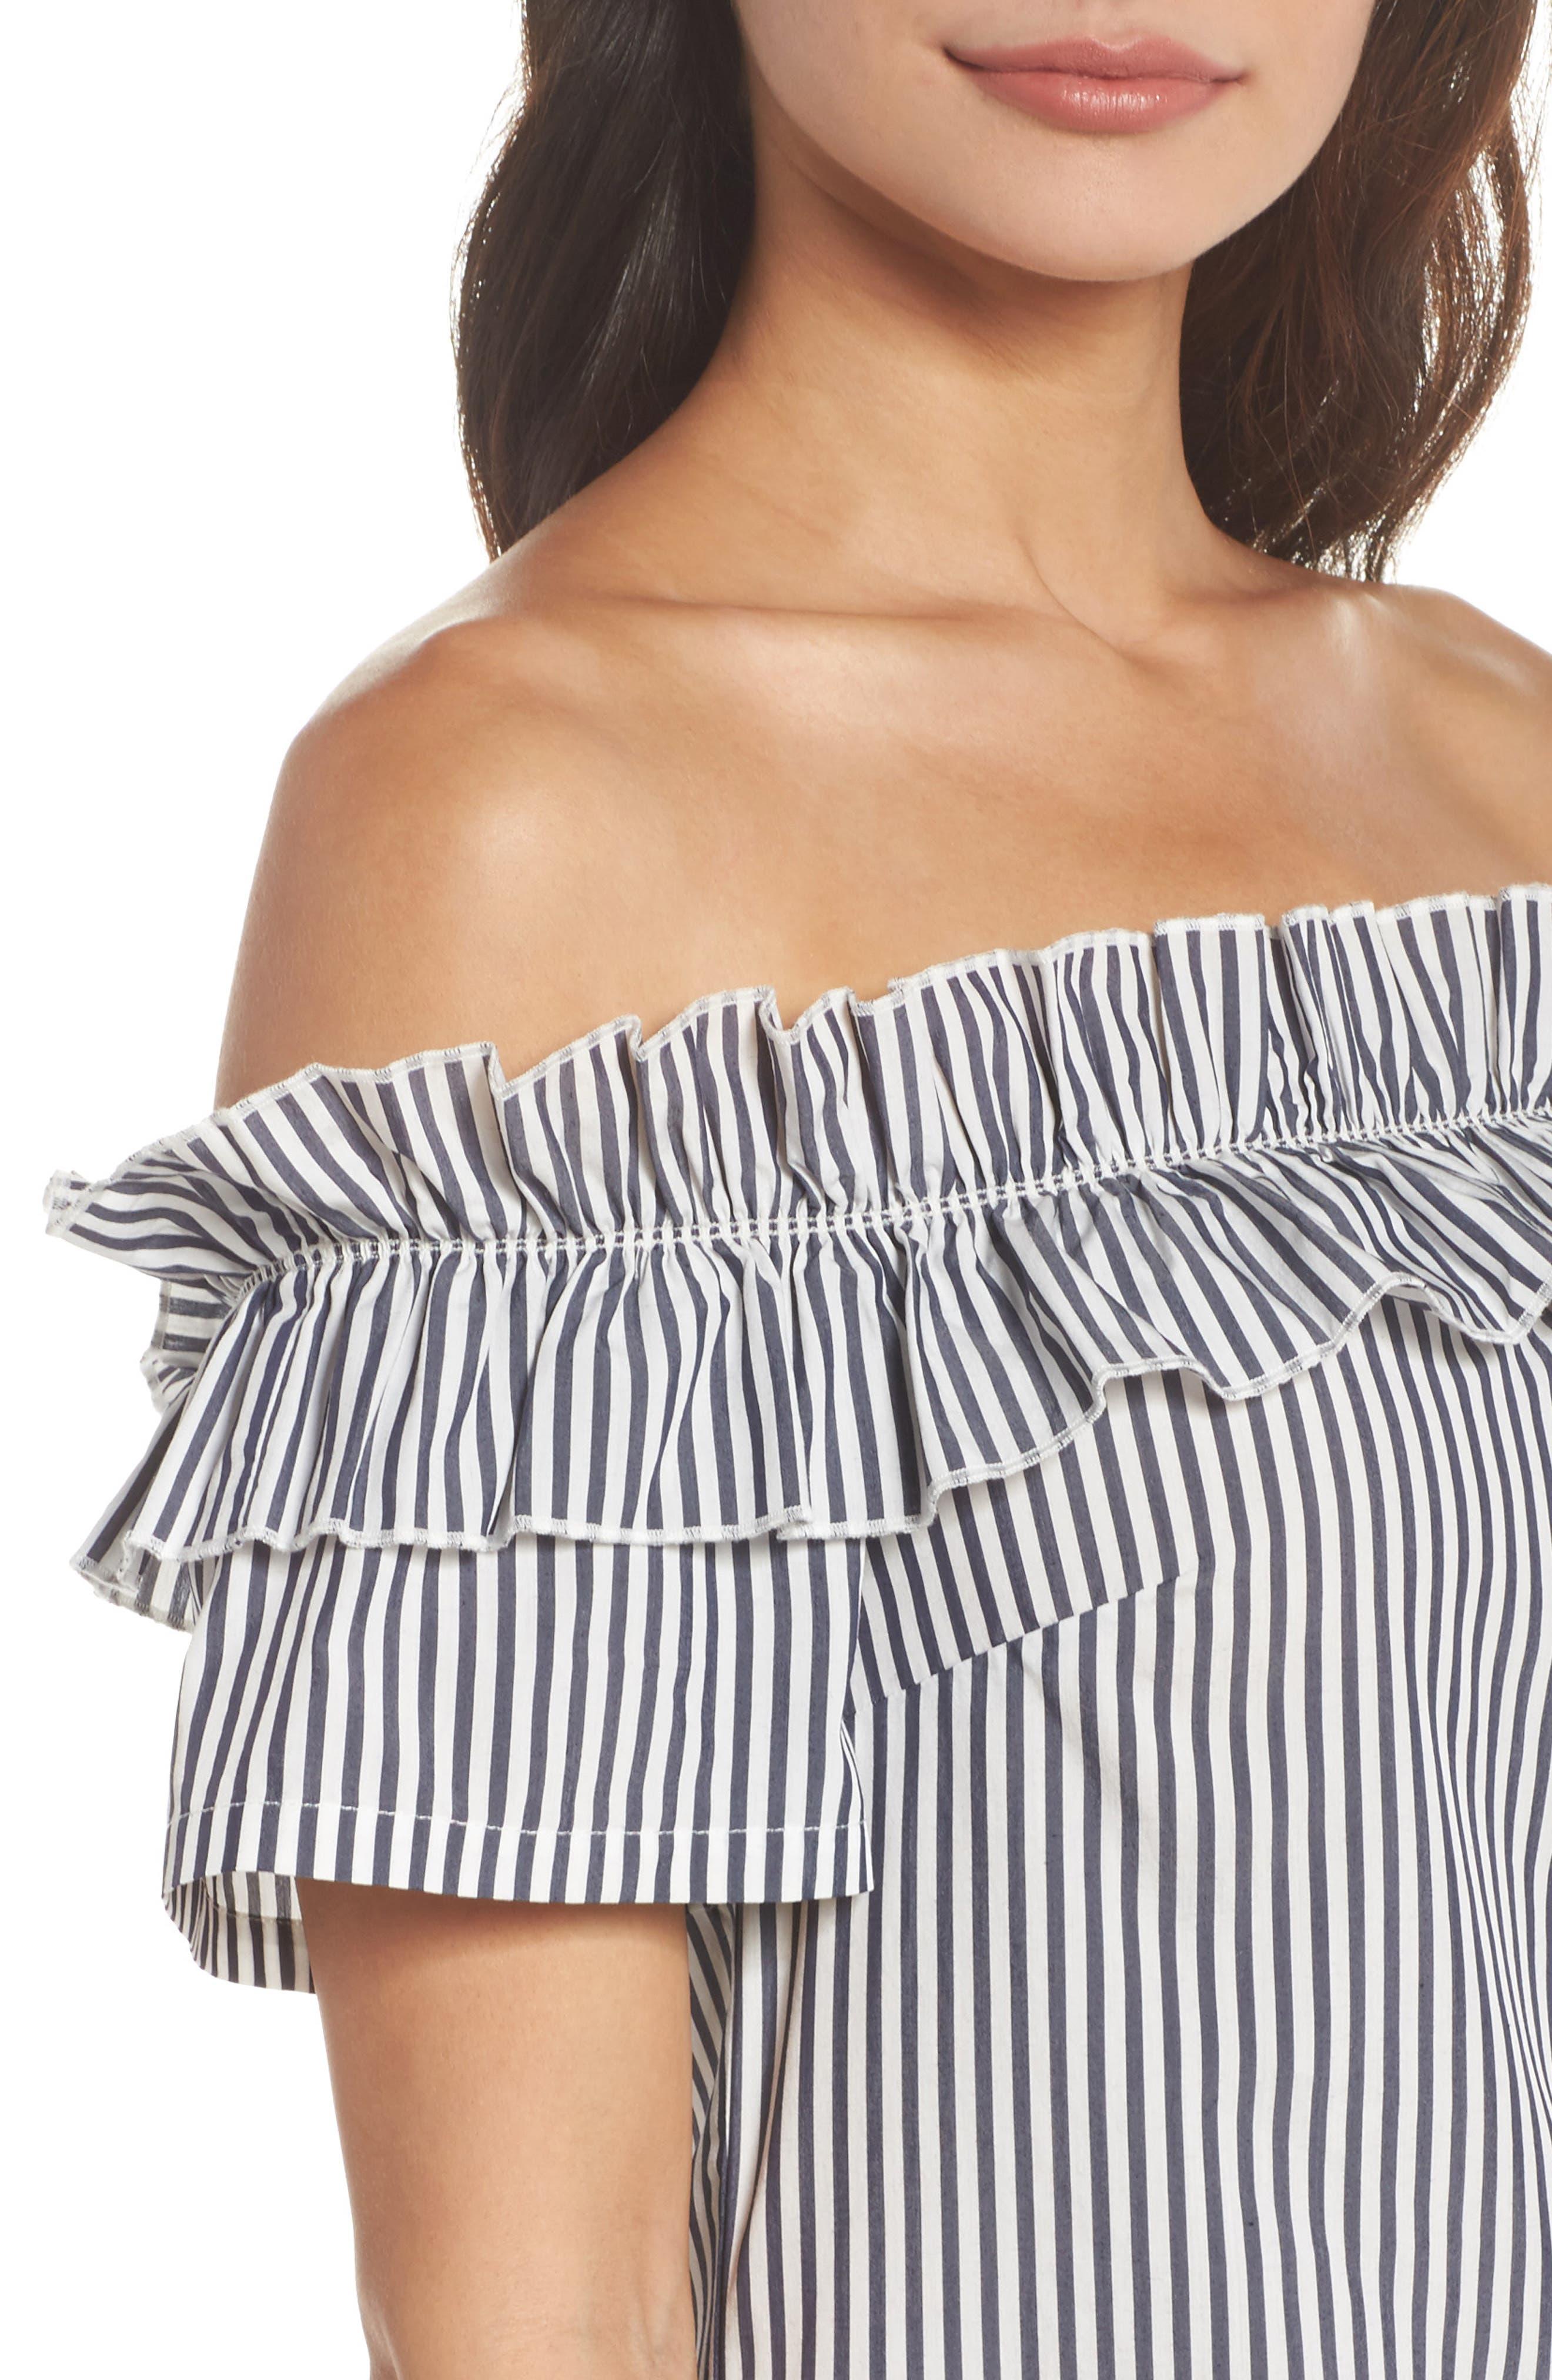 Patio Only Stripe Minidress,                             Alternate thumbnail 4, color,                             Navy/ White Mini Stripe